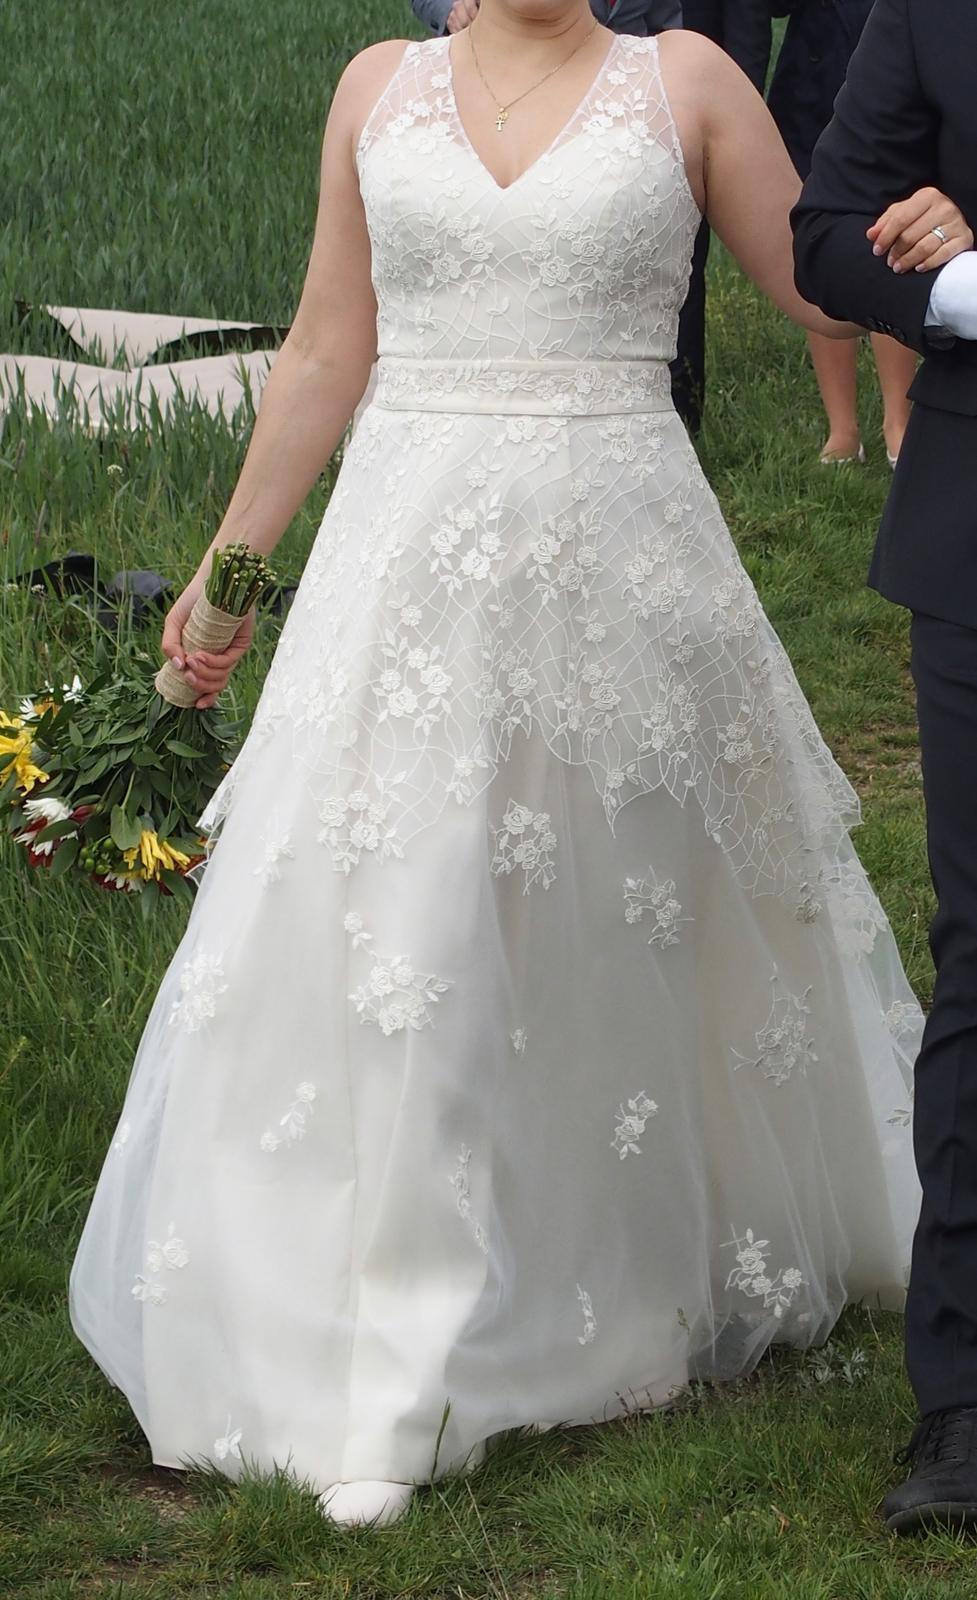 Ručně šité, 1x nošené svatební šaty, postava 170cm - Obrázek č. 1